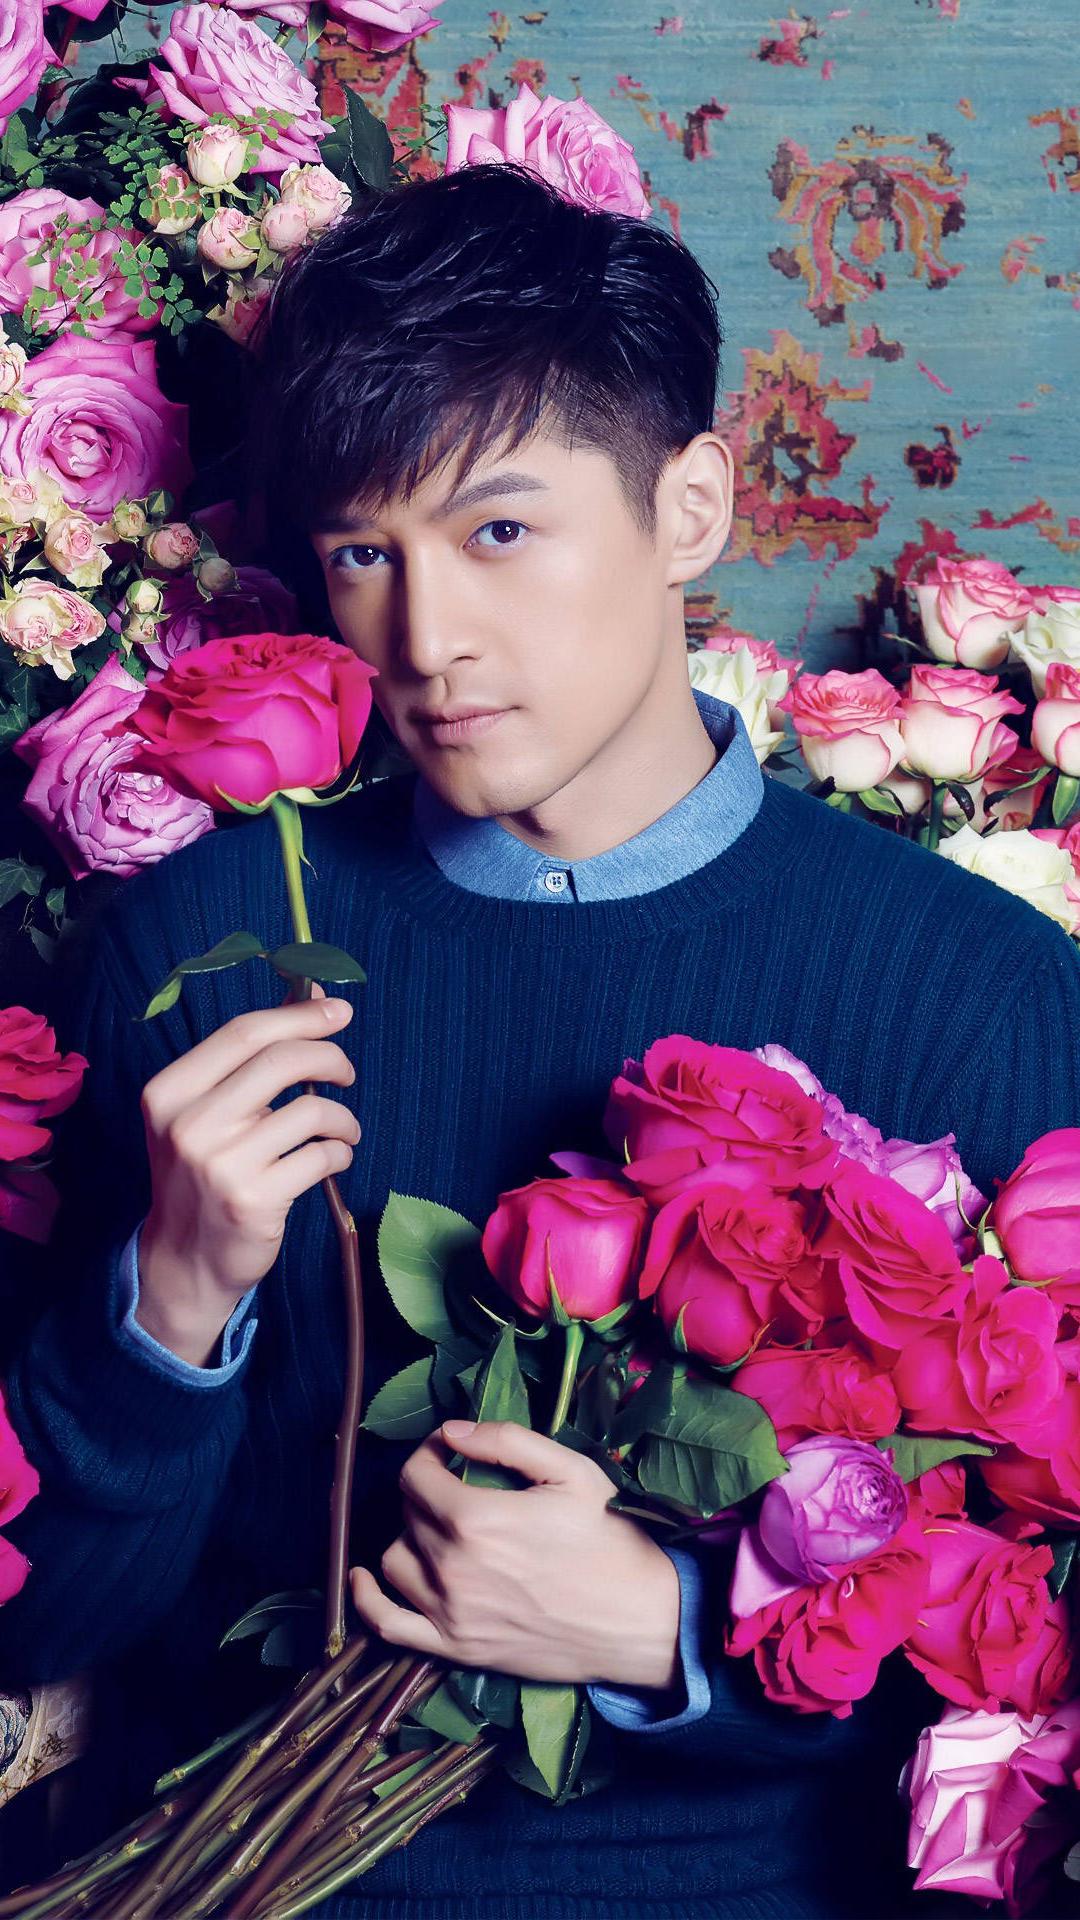 胡歌 演员 鲜花 玫瑰 写真